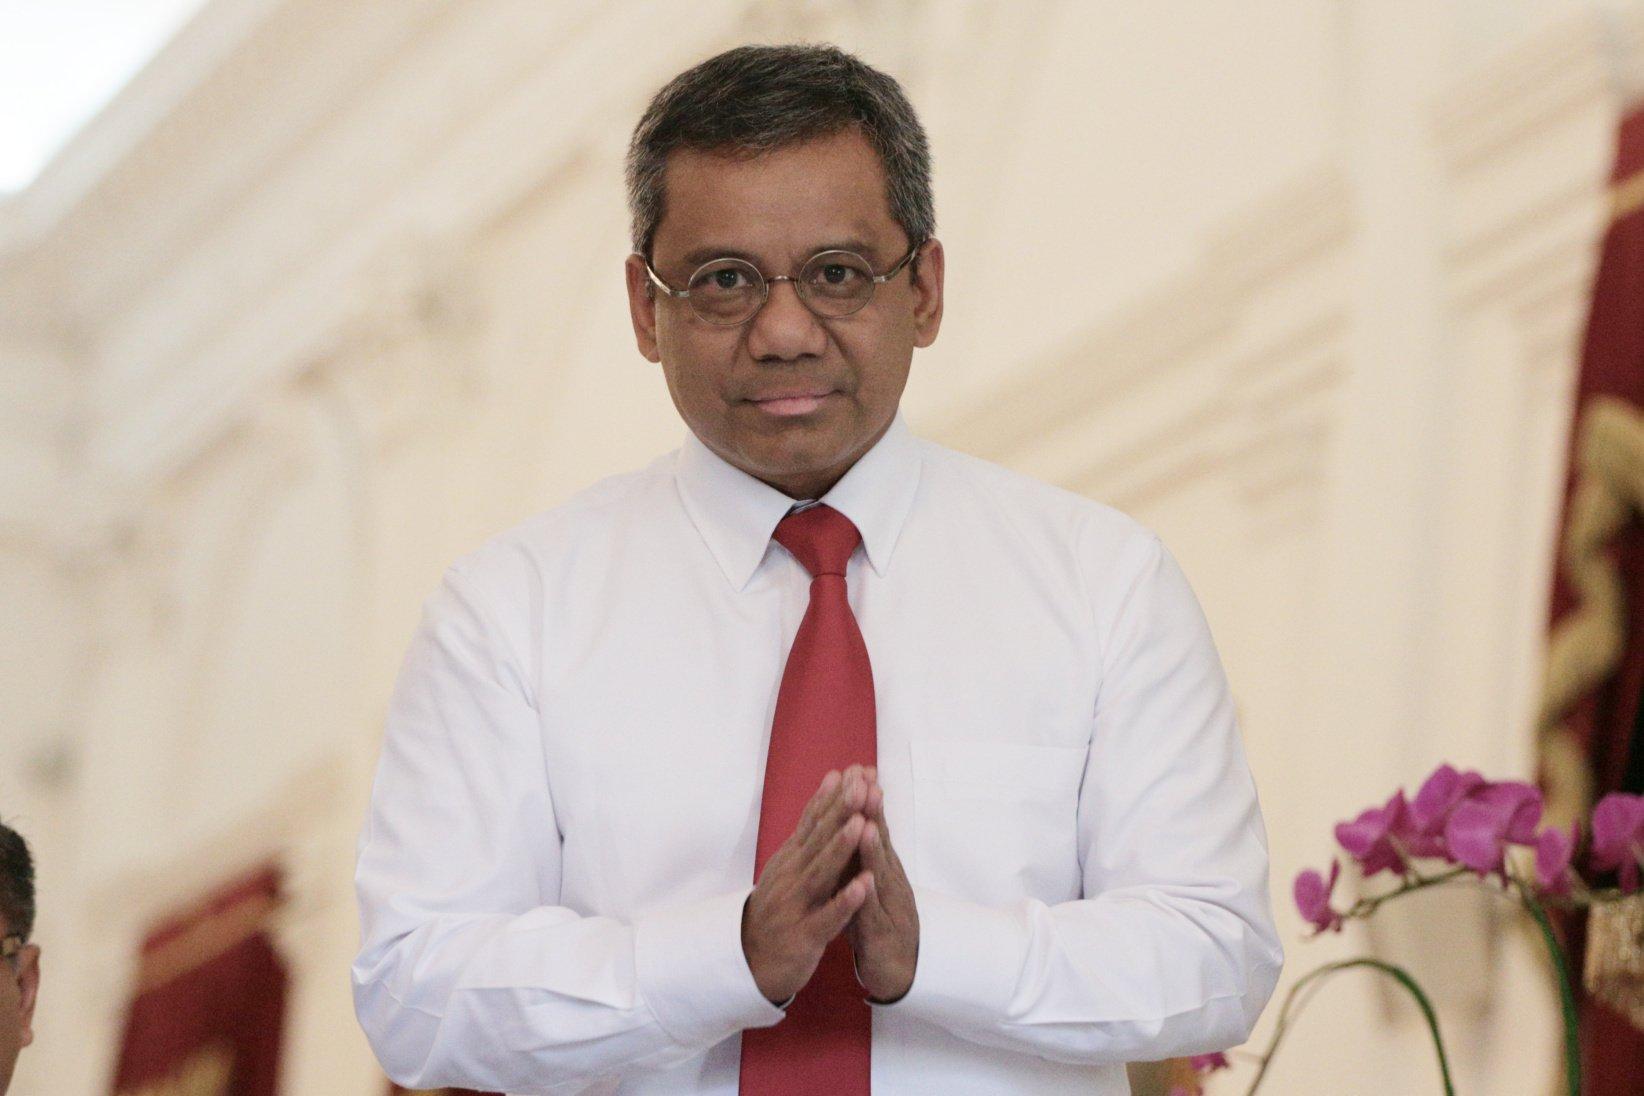 Wakil Menteri Keuangan, Suahasil Nazara di Istana Merdeka, Jakarta Pusat (25/10/2019). Mantan Kepala Badan Kebijakan Fiskal Kementerian Keuangan ini kembali bekerja sama dengan Sri Mulyani.